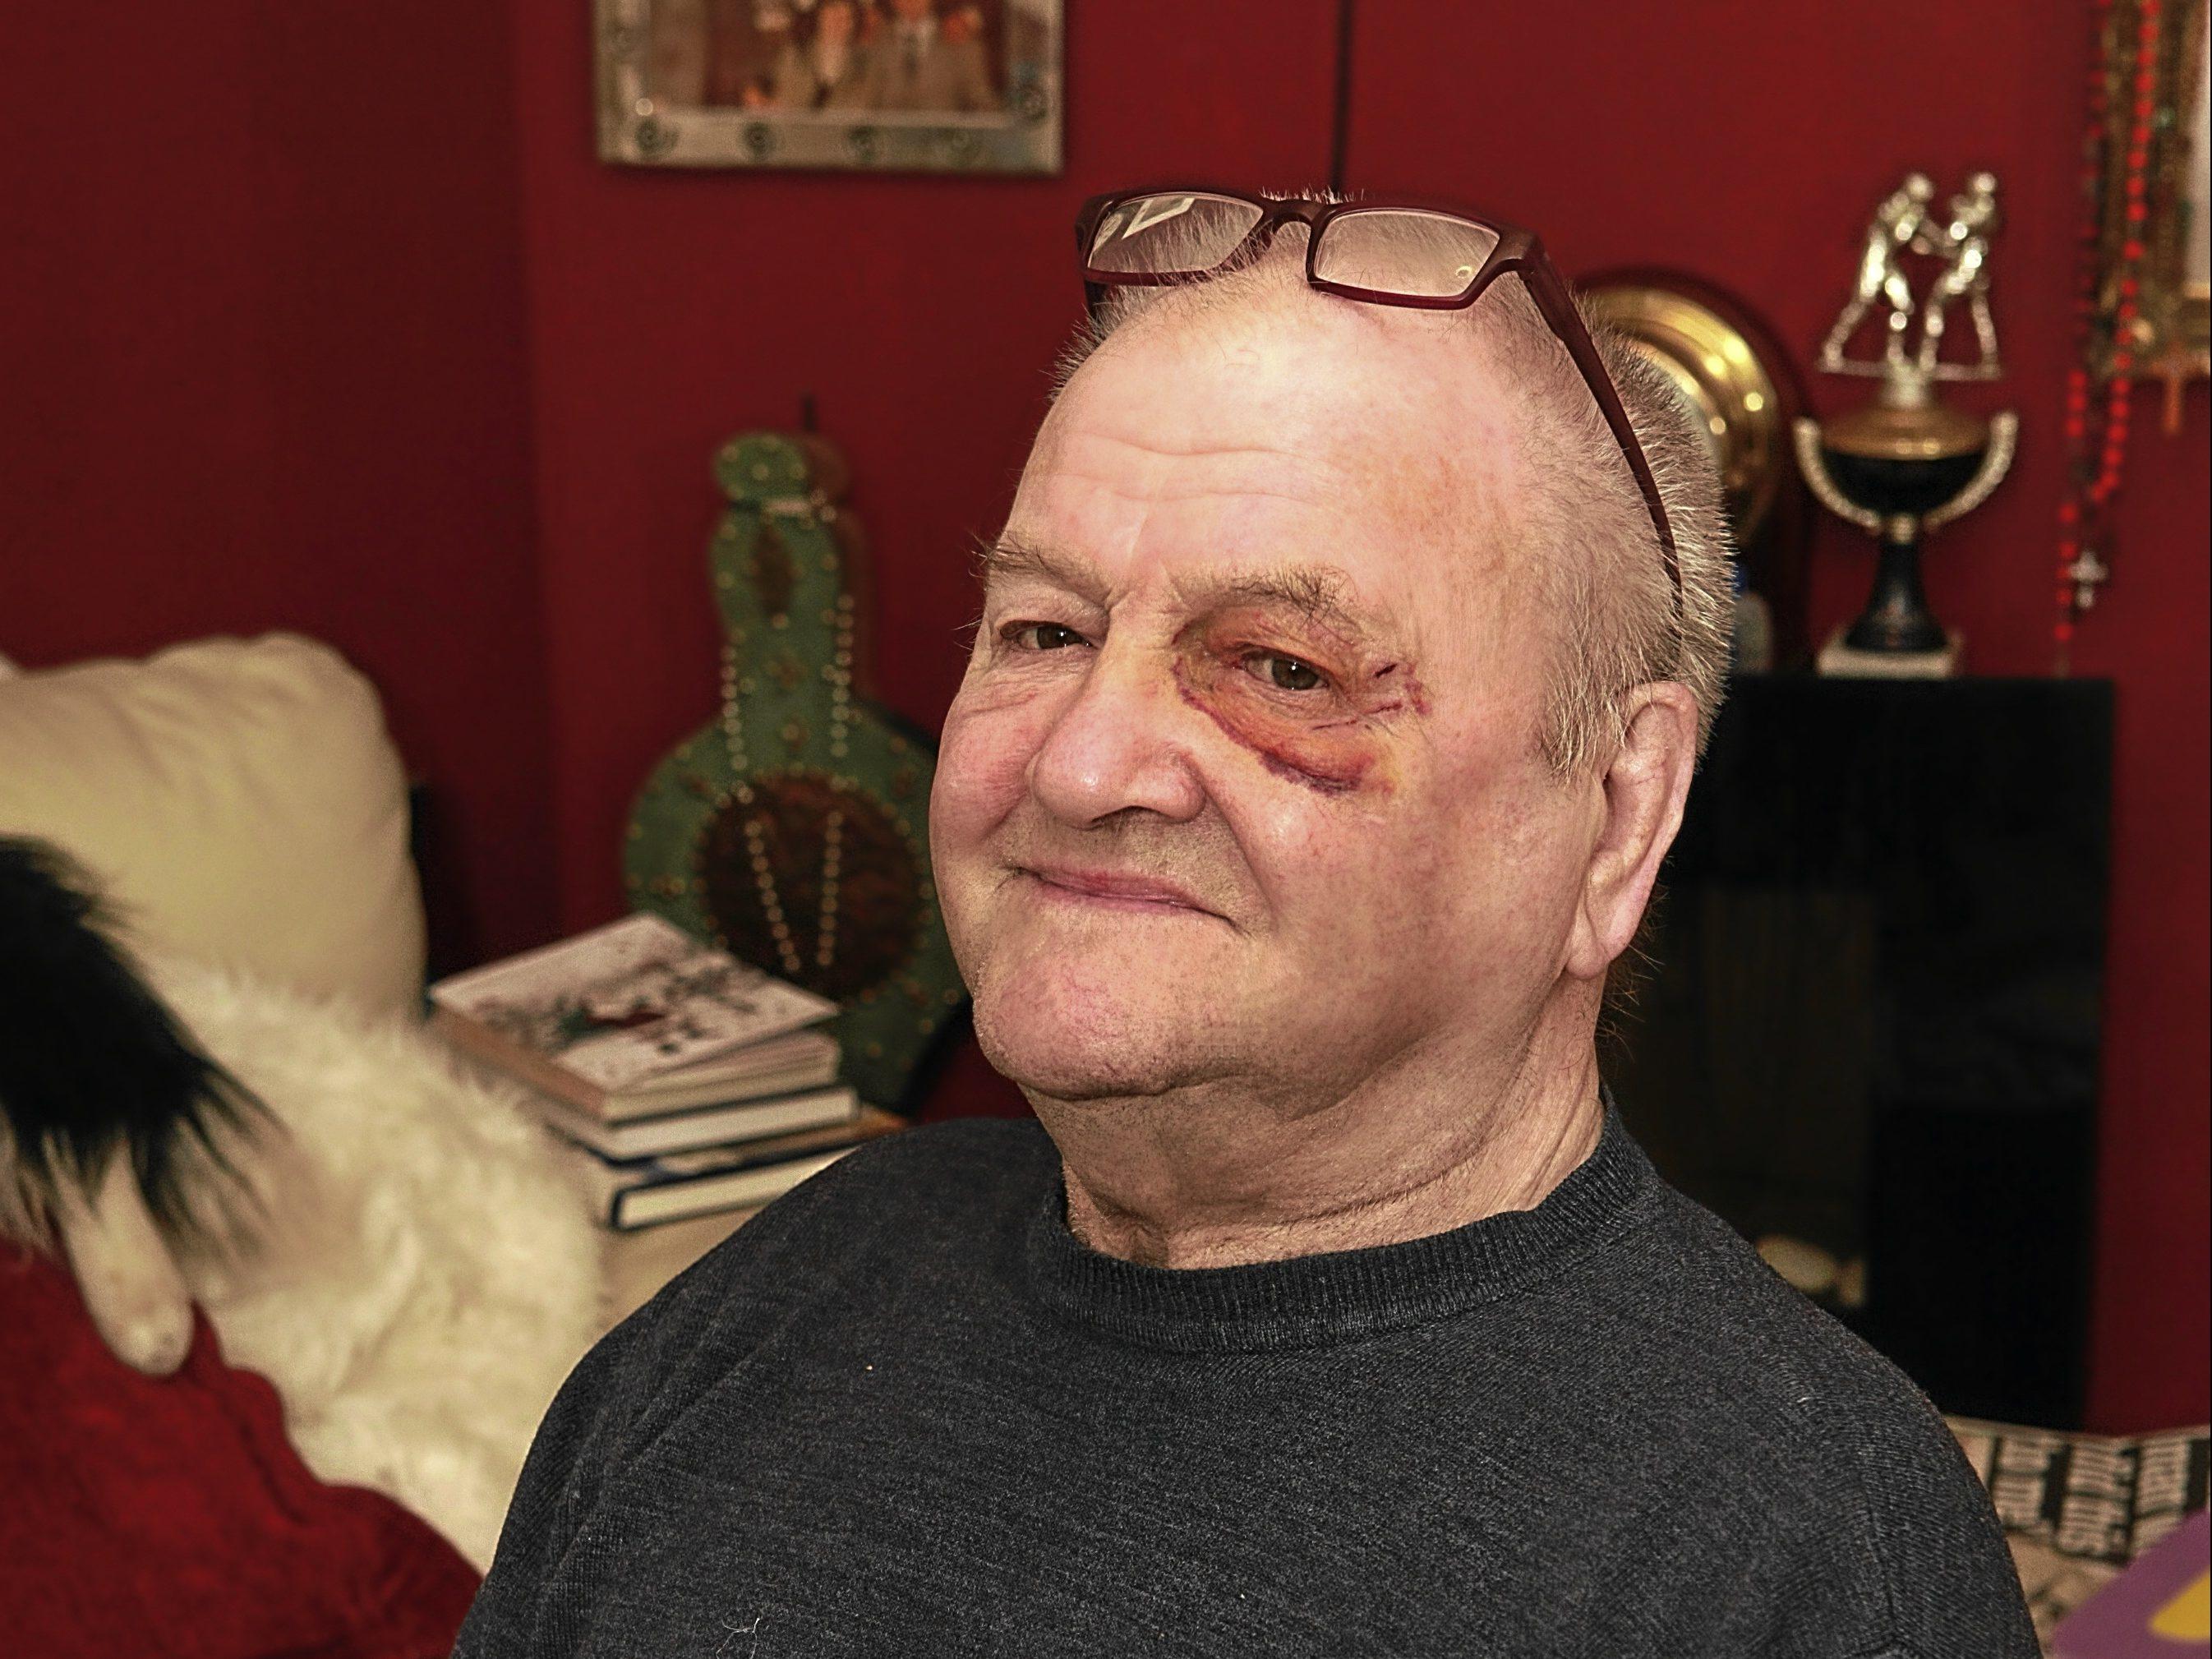 Pensioner Jack Wemyss